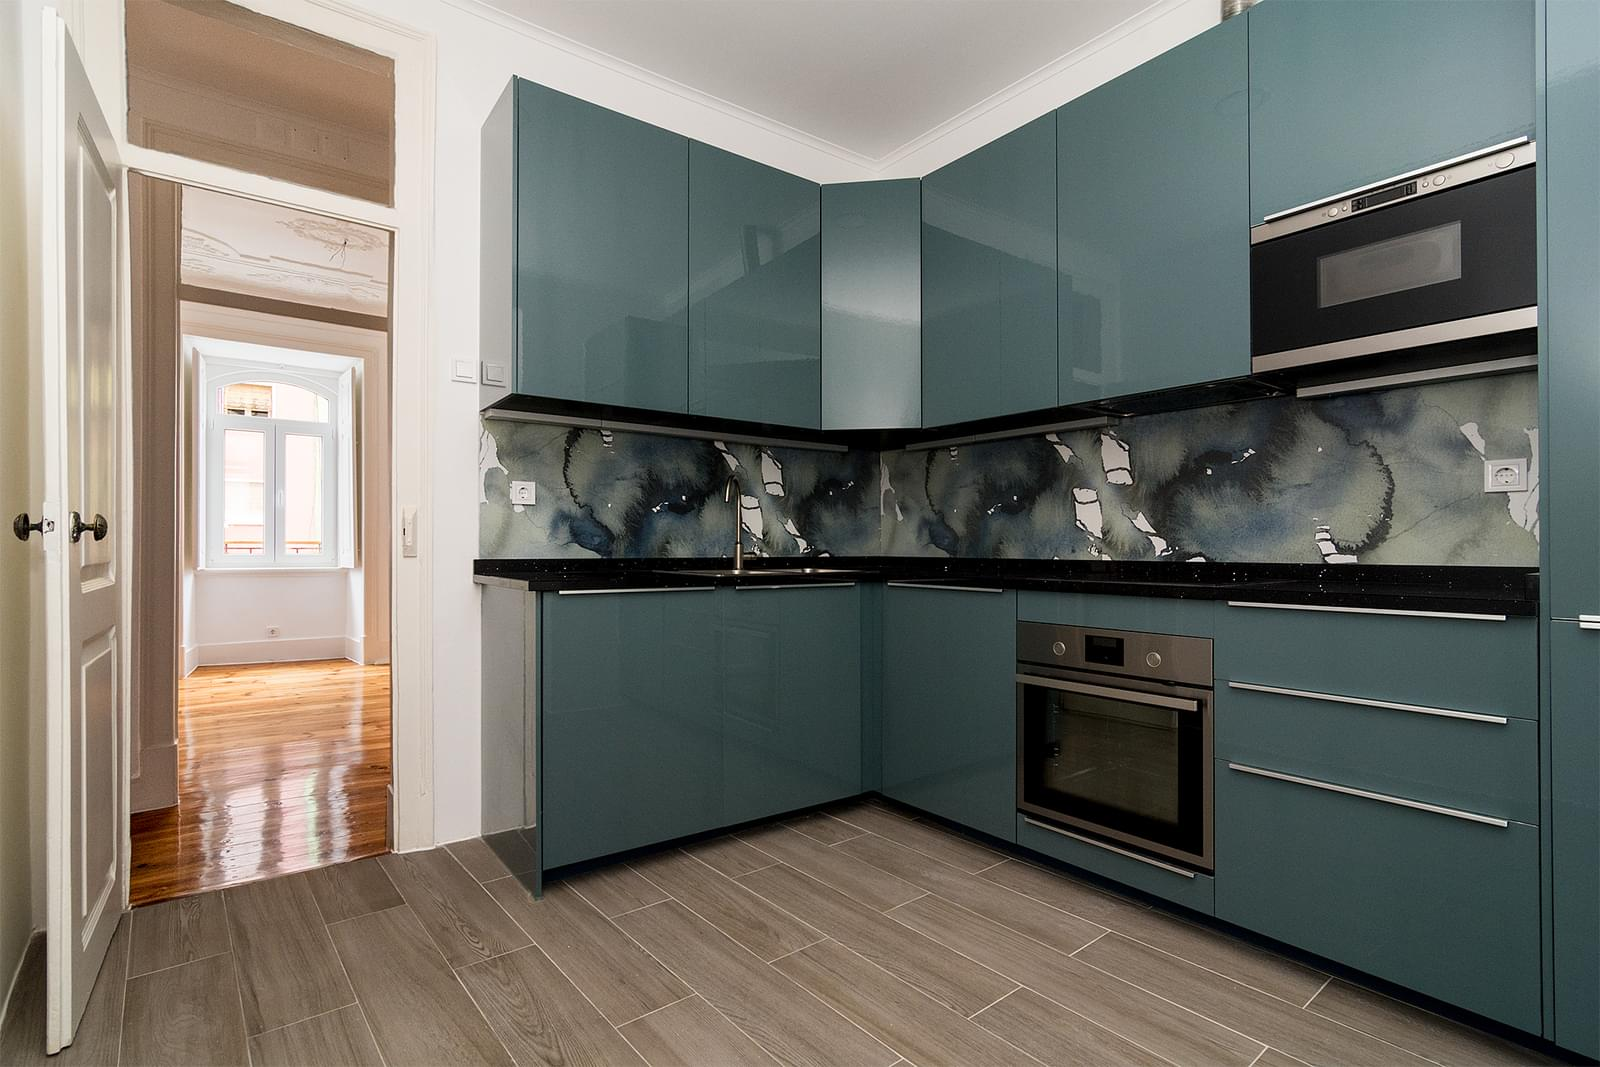 pf17267-apartamento-t3-lisboa-dc79d62a-a349-45ec-9caa-76435b577d68